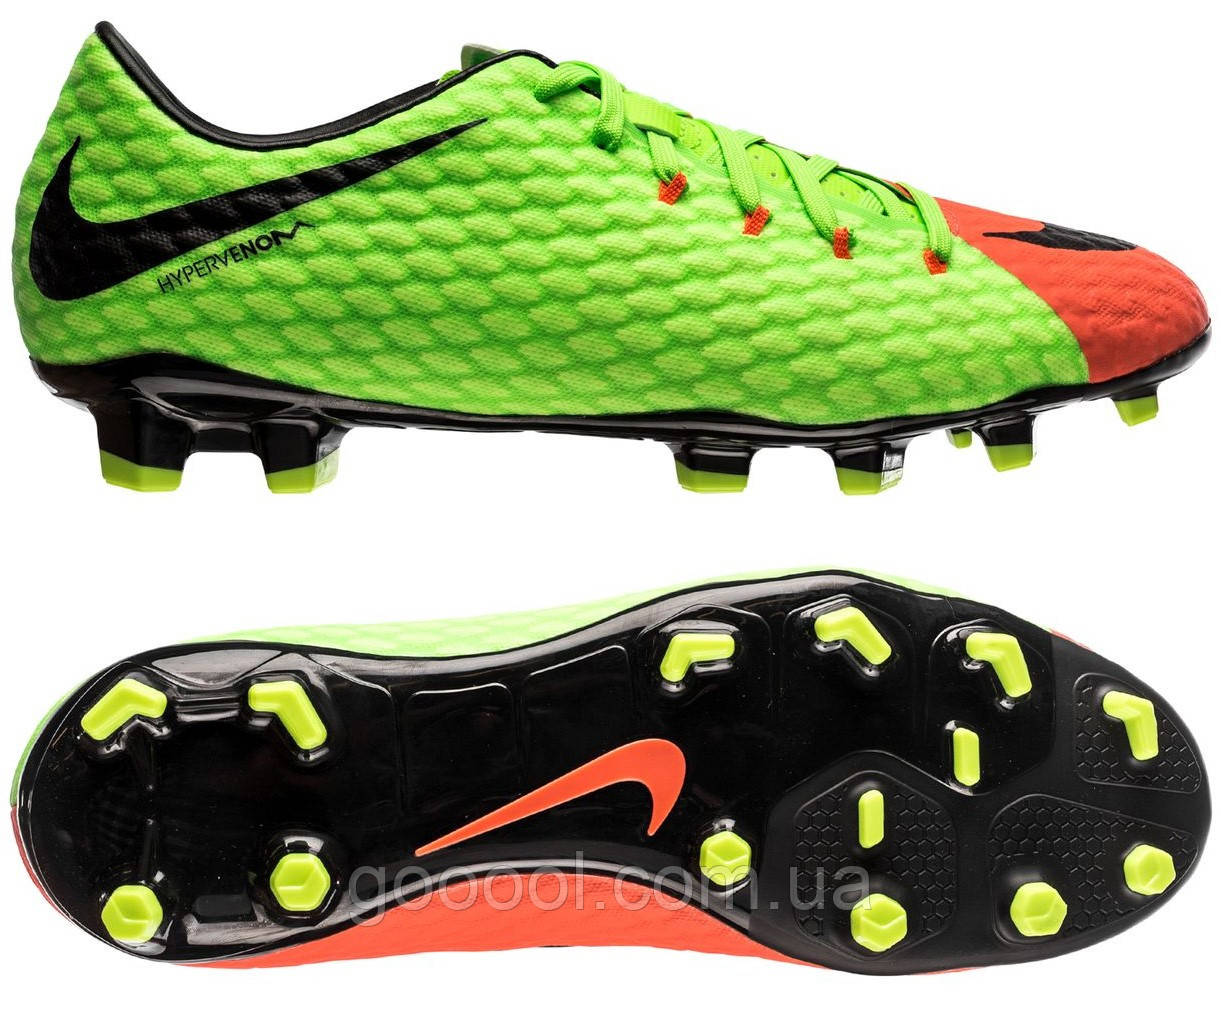 Футбольные бутсы Nike Hypervenom Phelon III FG 852556-308 - ГООООЛ›  спортивная и футбольная 08aceaf7126